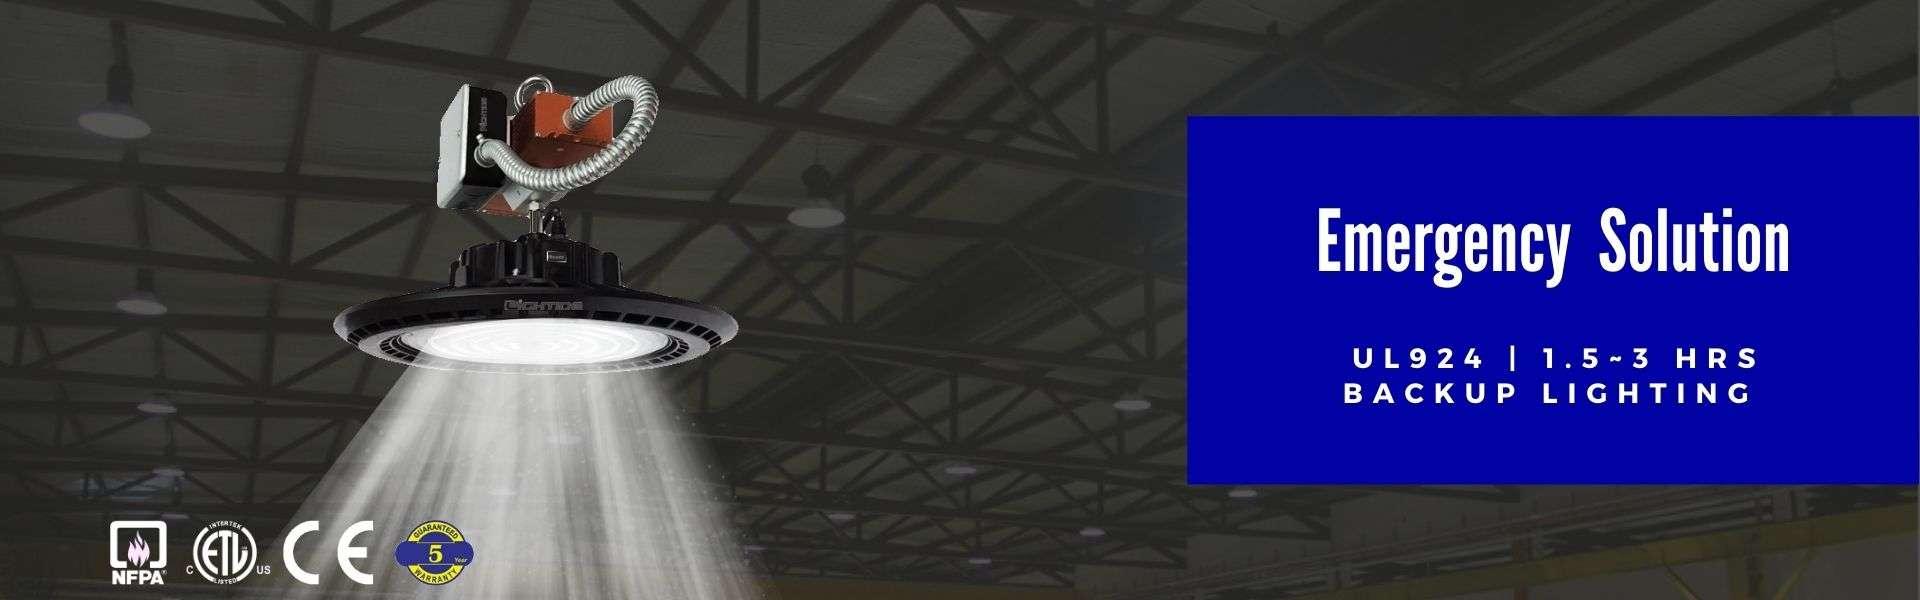 Lightide-UL924 Commercial LED Outdoor Lighting emergency- high-bay-light-202012S2